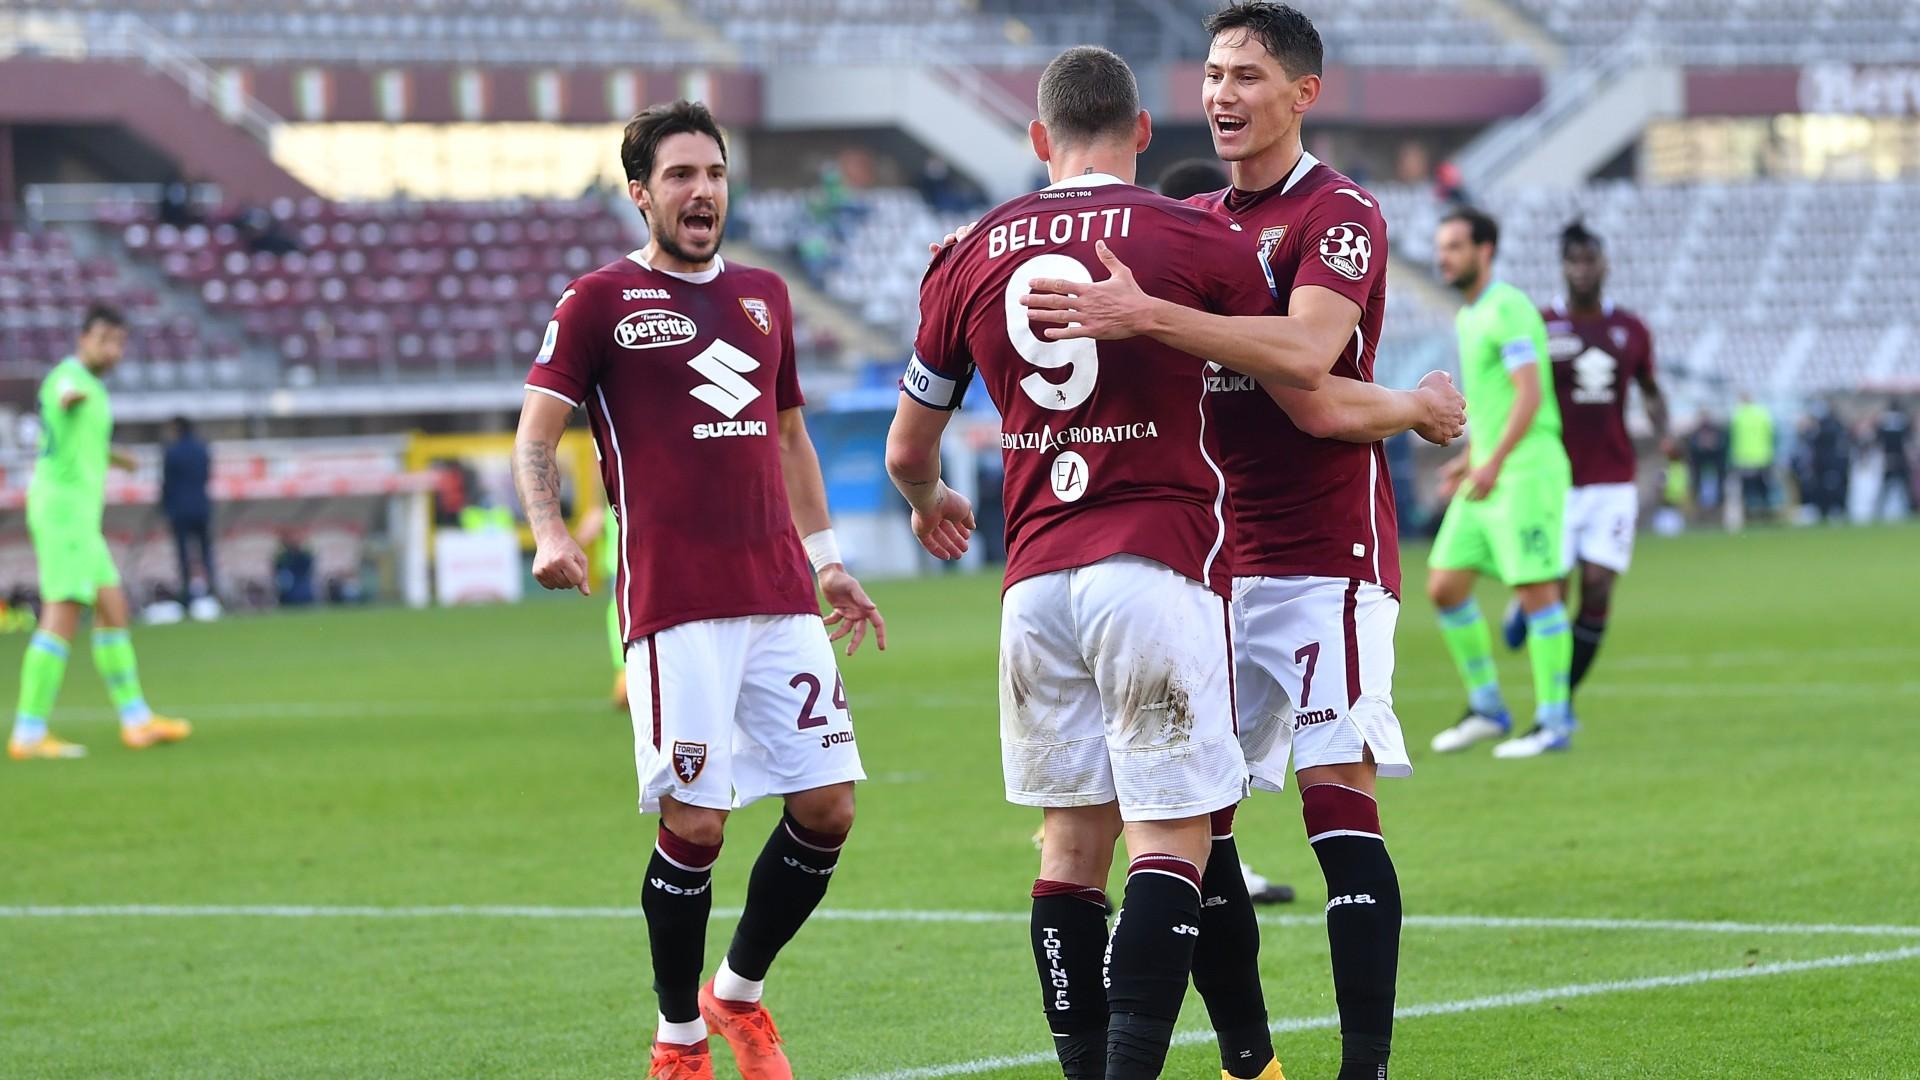 Soi kèo Torino vs Crotone, 21h00 ngày 8/11, VĐQG Italia